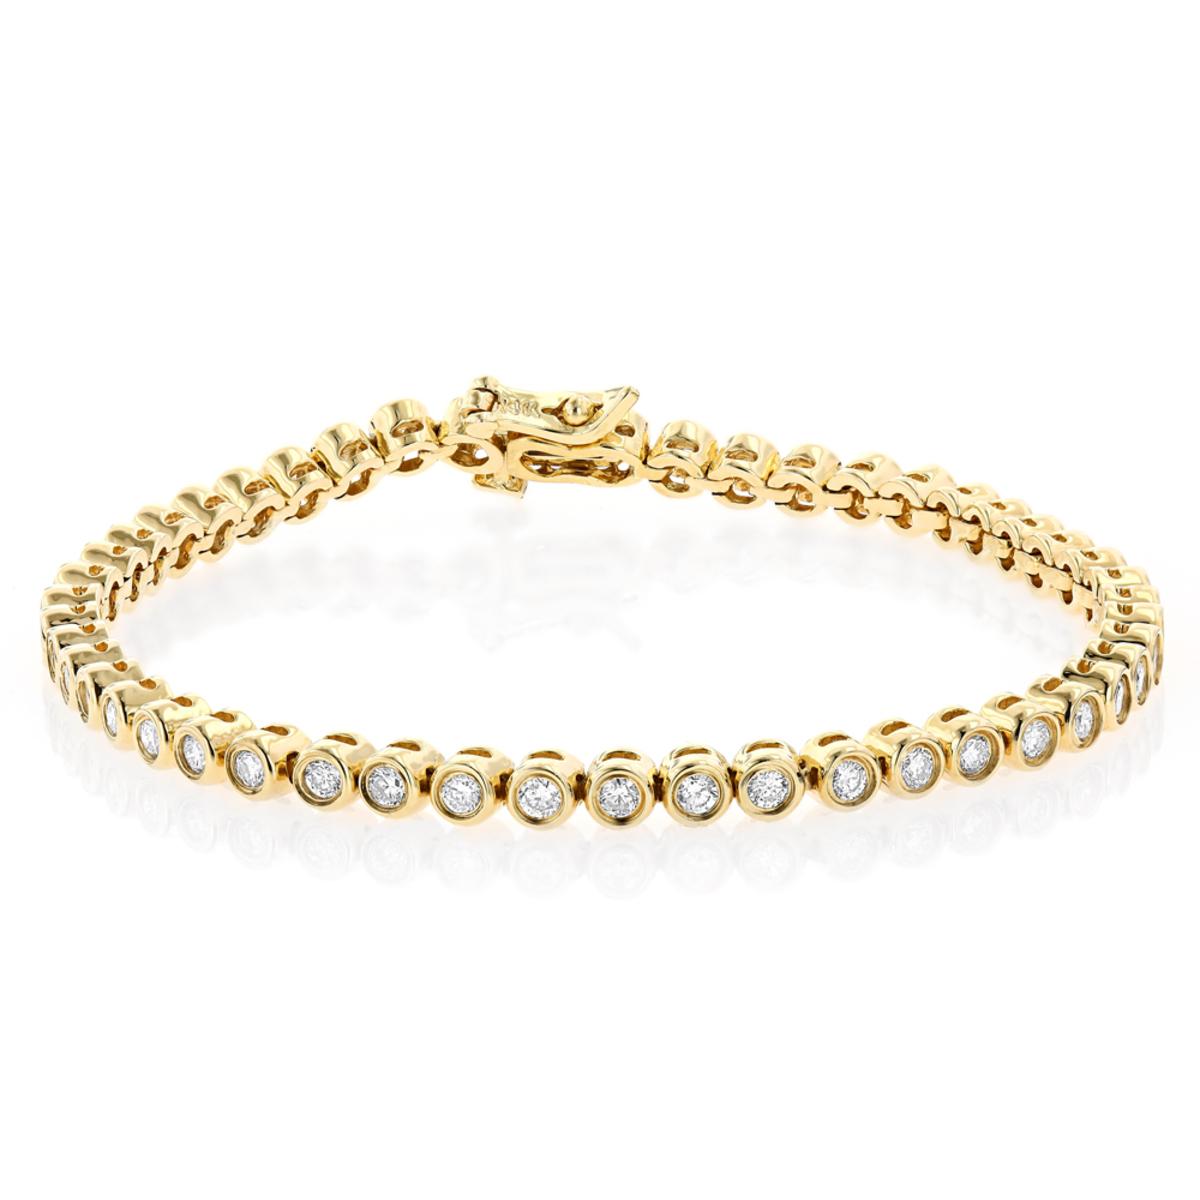 2.20 Carat Diamond Tennis Bracelet 14K Gold Bezel Set